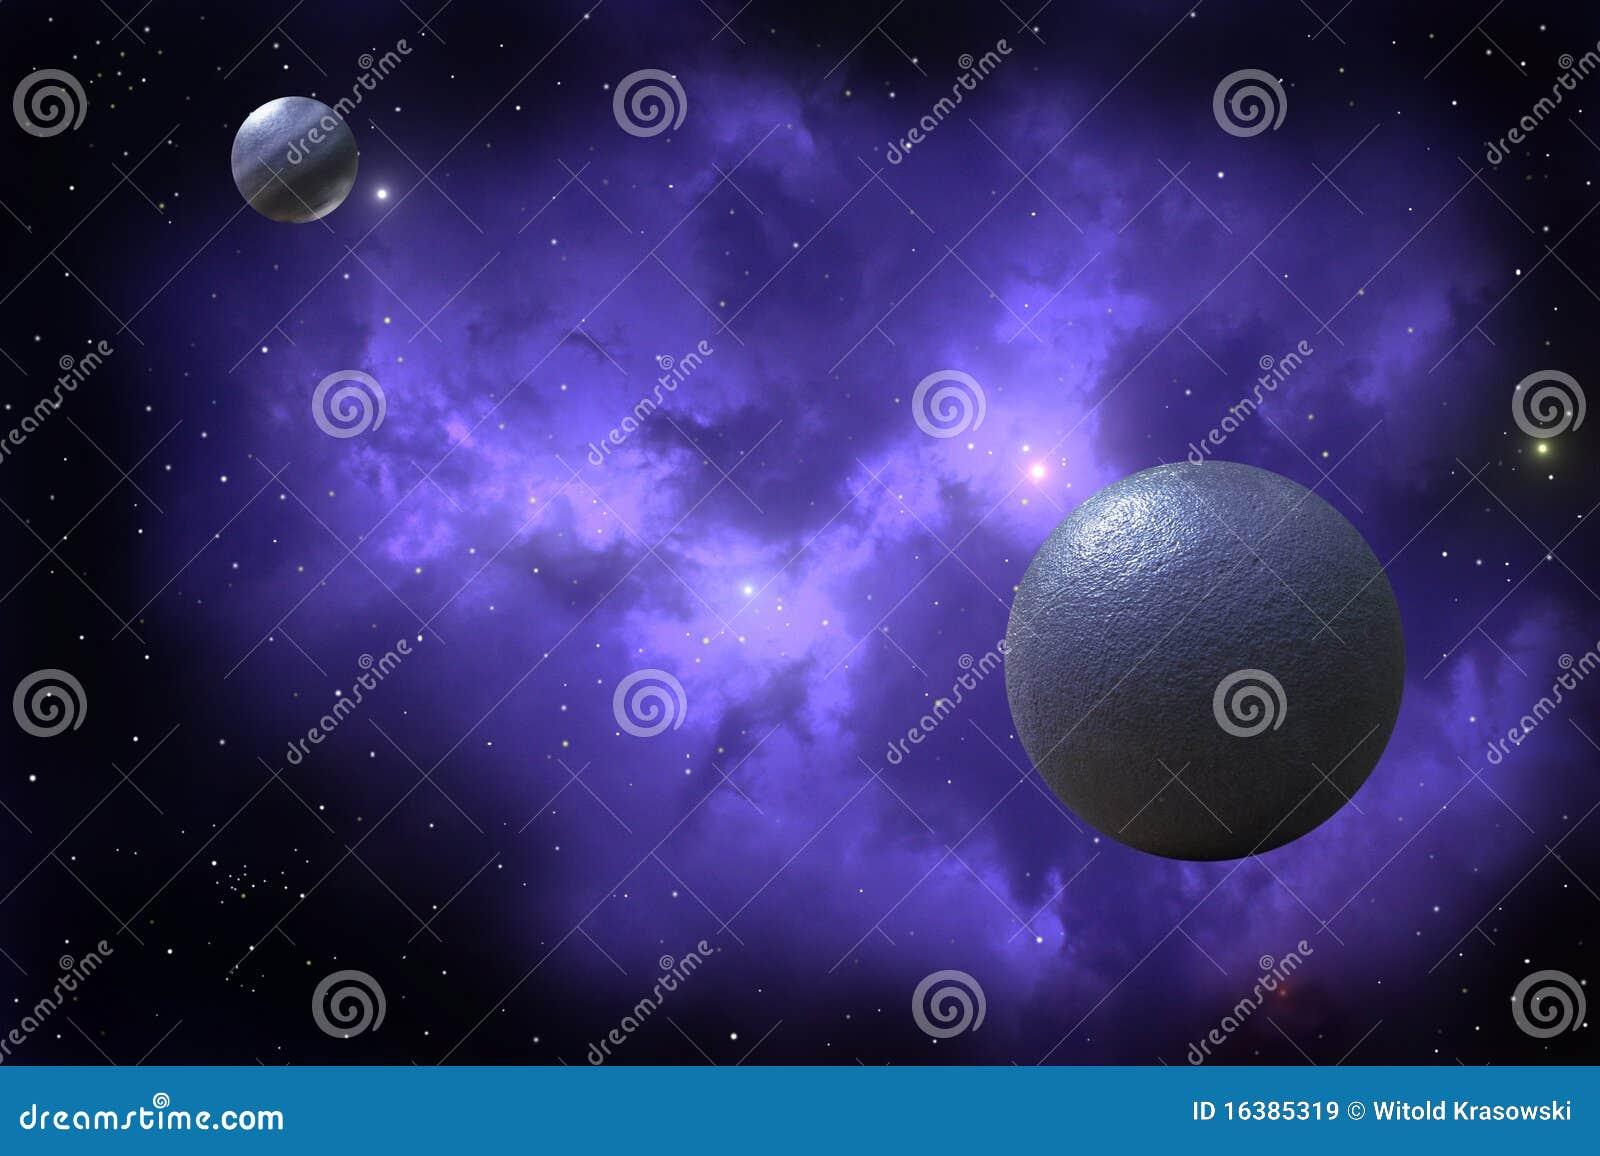 Ilustração Gratis Espaço Todos Os Universo Cosmos: Dois Planetas Ilustração Stock. Ilustração De Cosmos